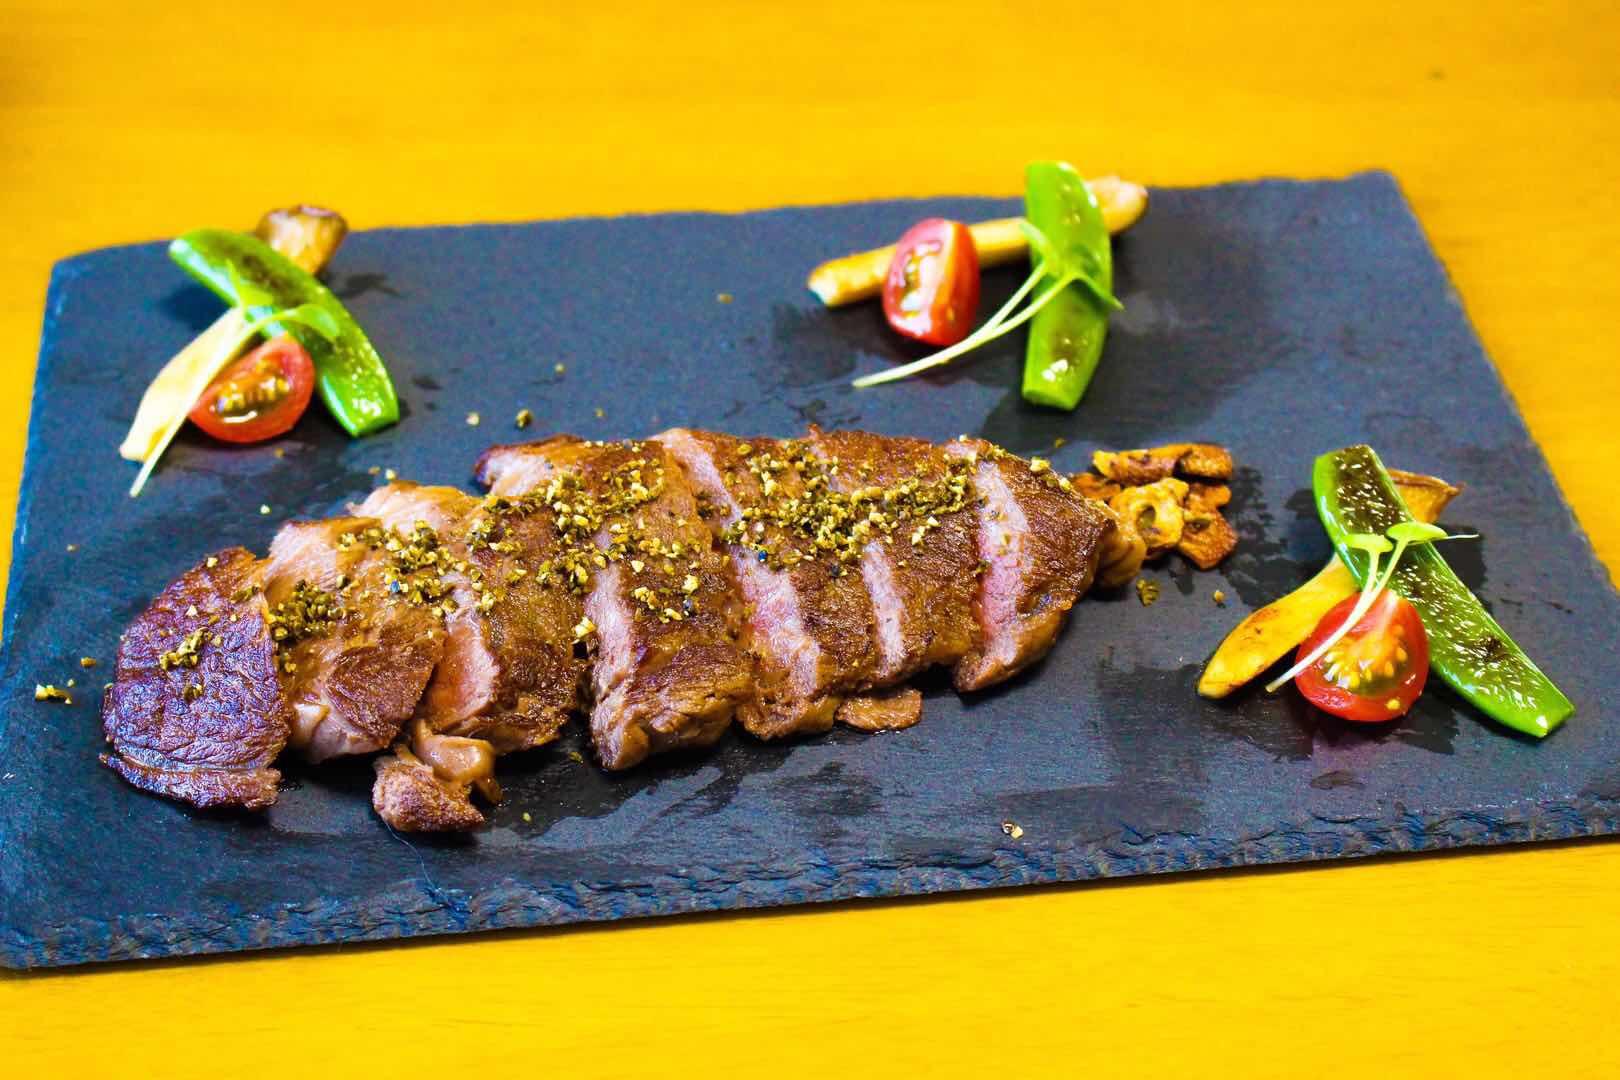 ステーキと塩漬け胡椒 カンポットペッパー